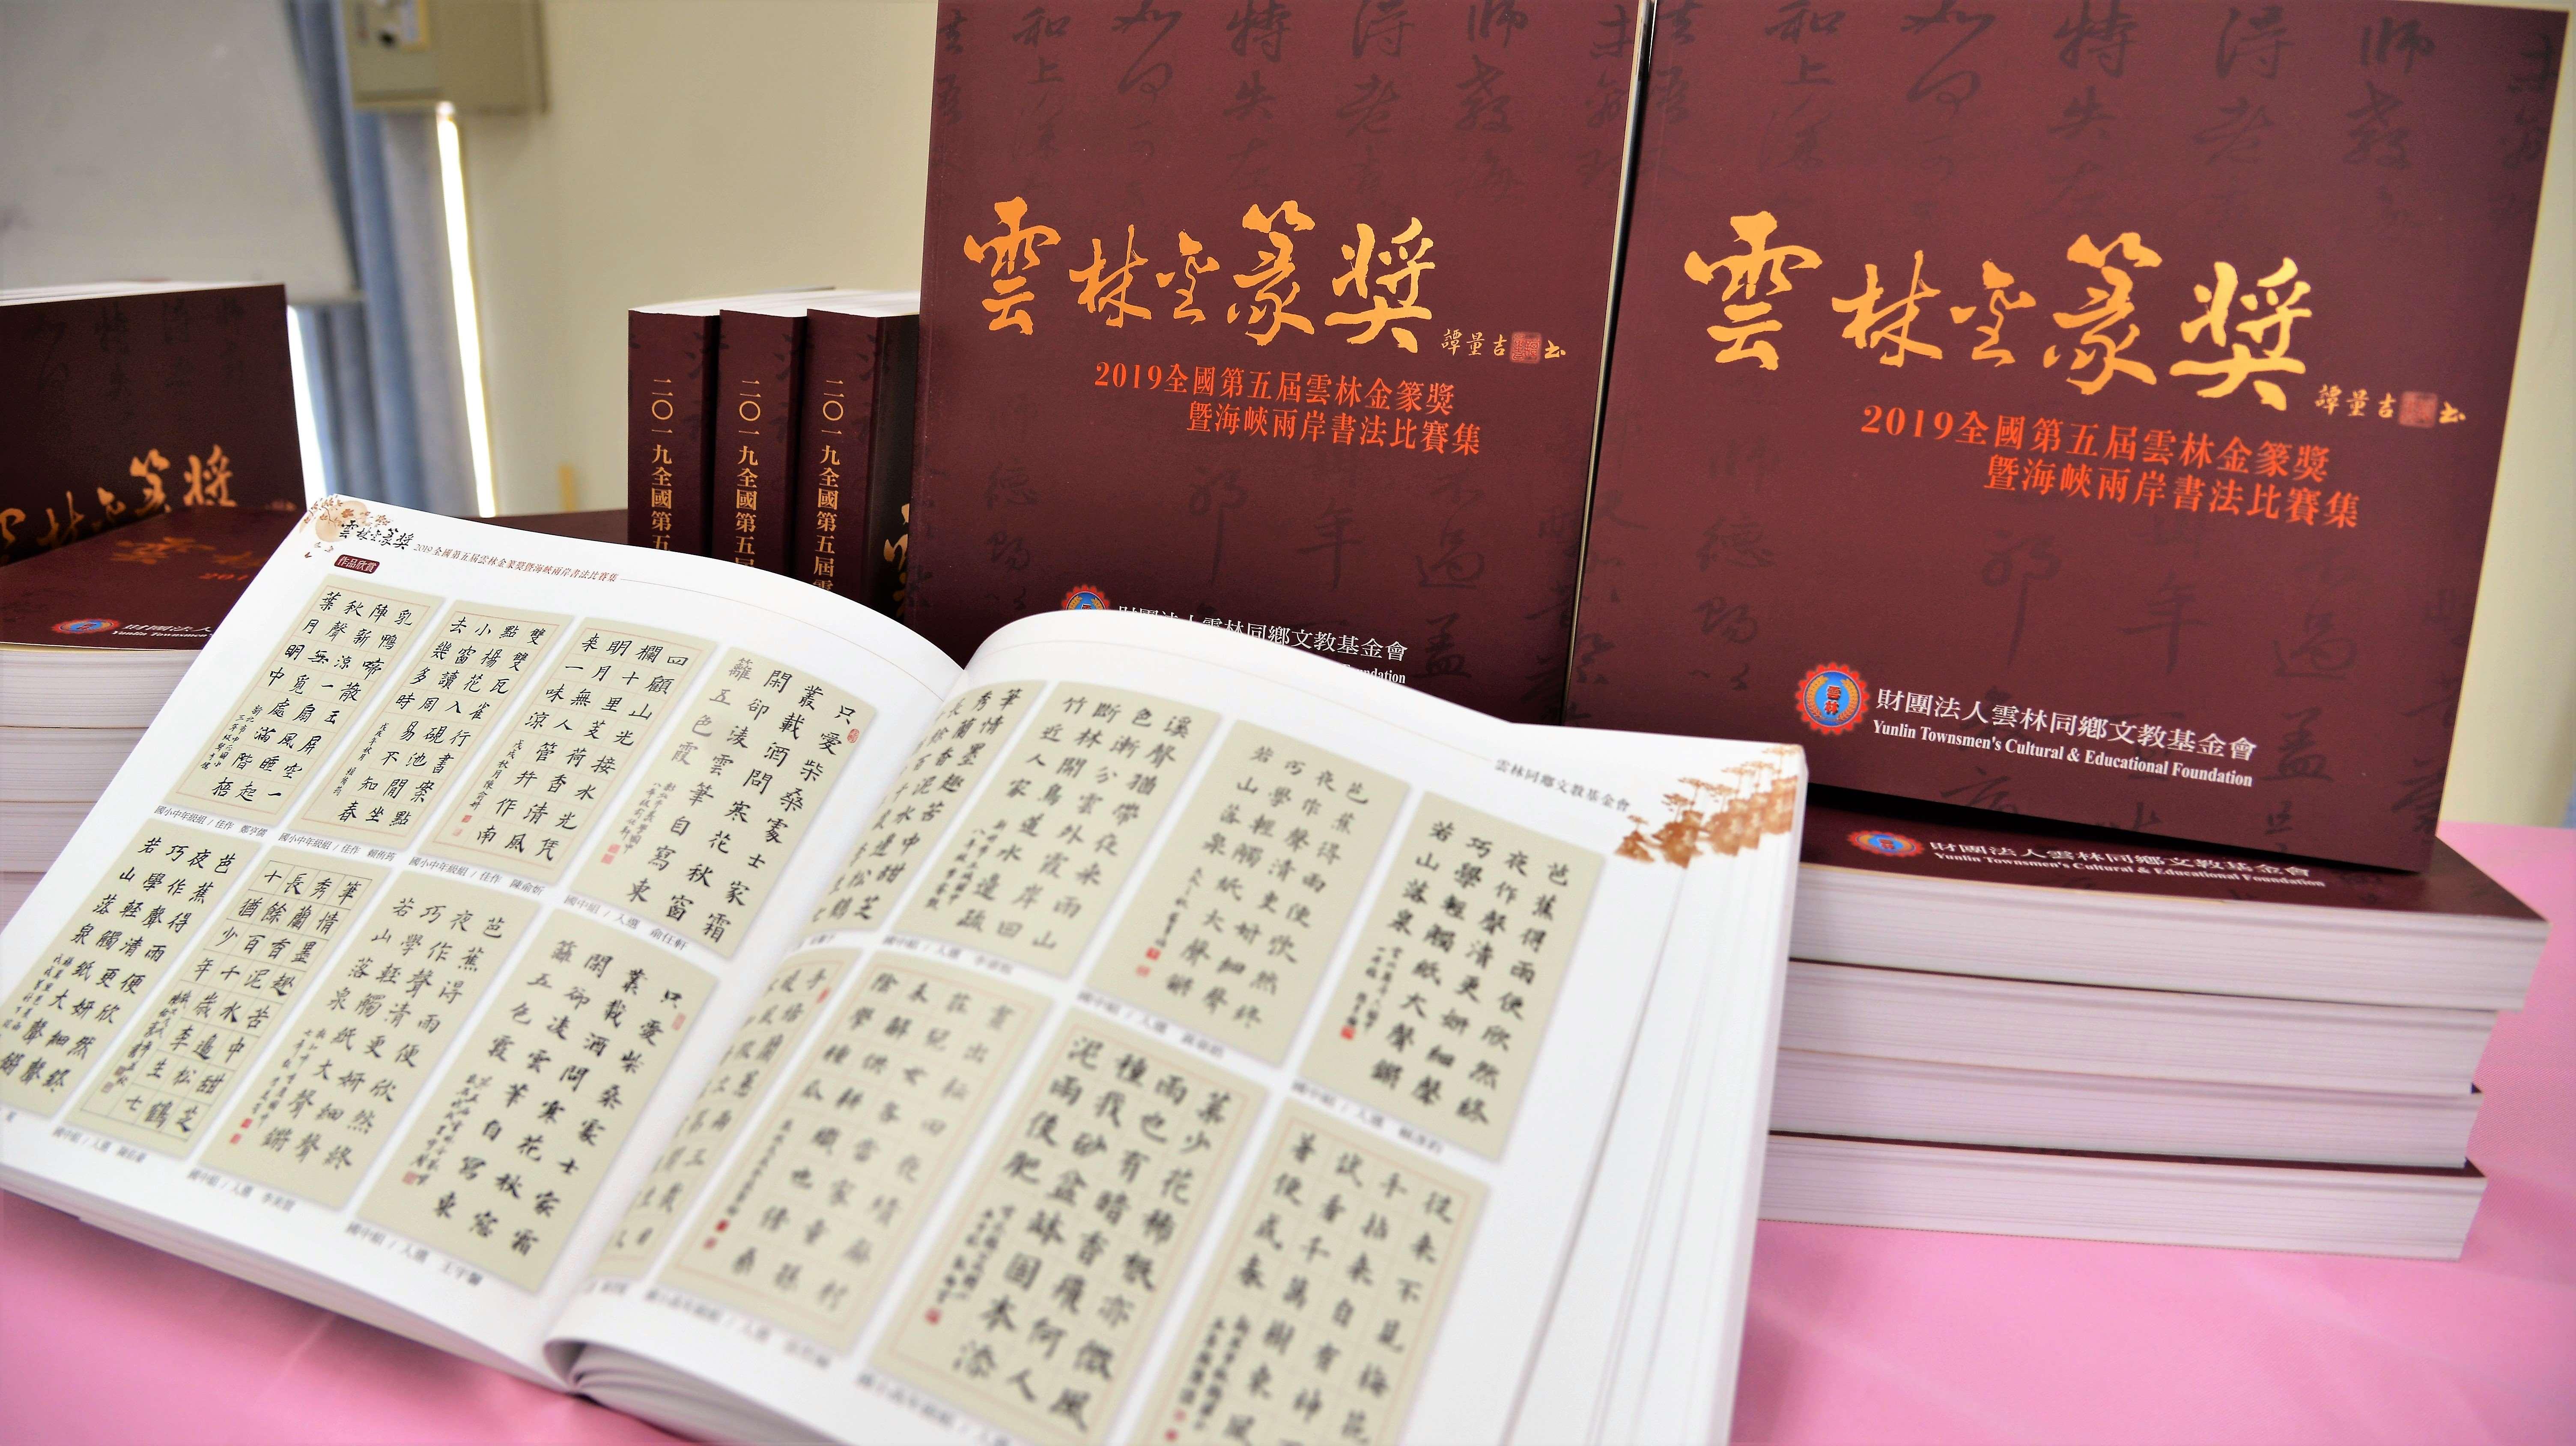 財團法人雲林同鄉文教基金會捐贈母縣圖書『全國第五屆《雲林金篆獎》書法比賽專集』